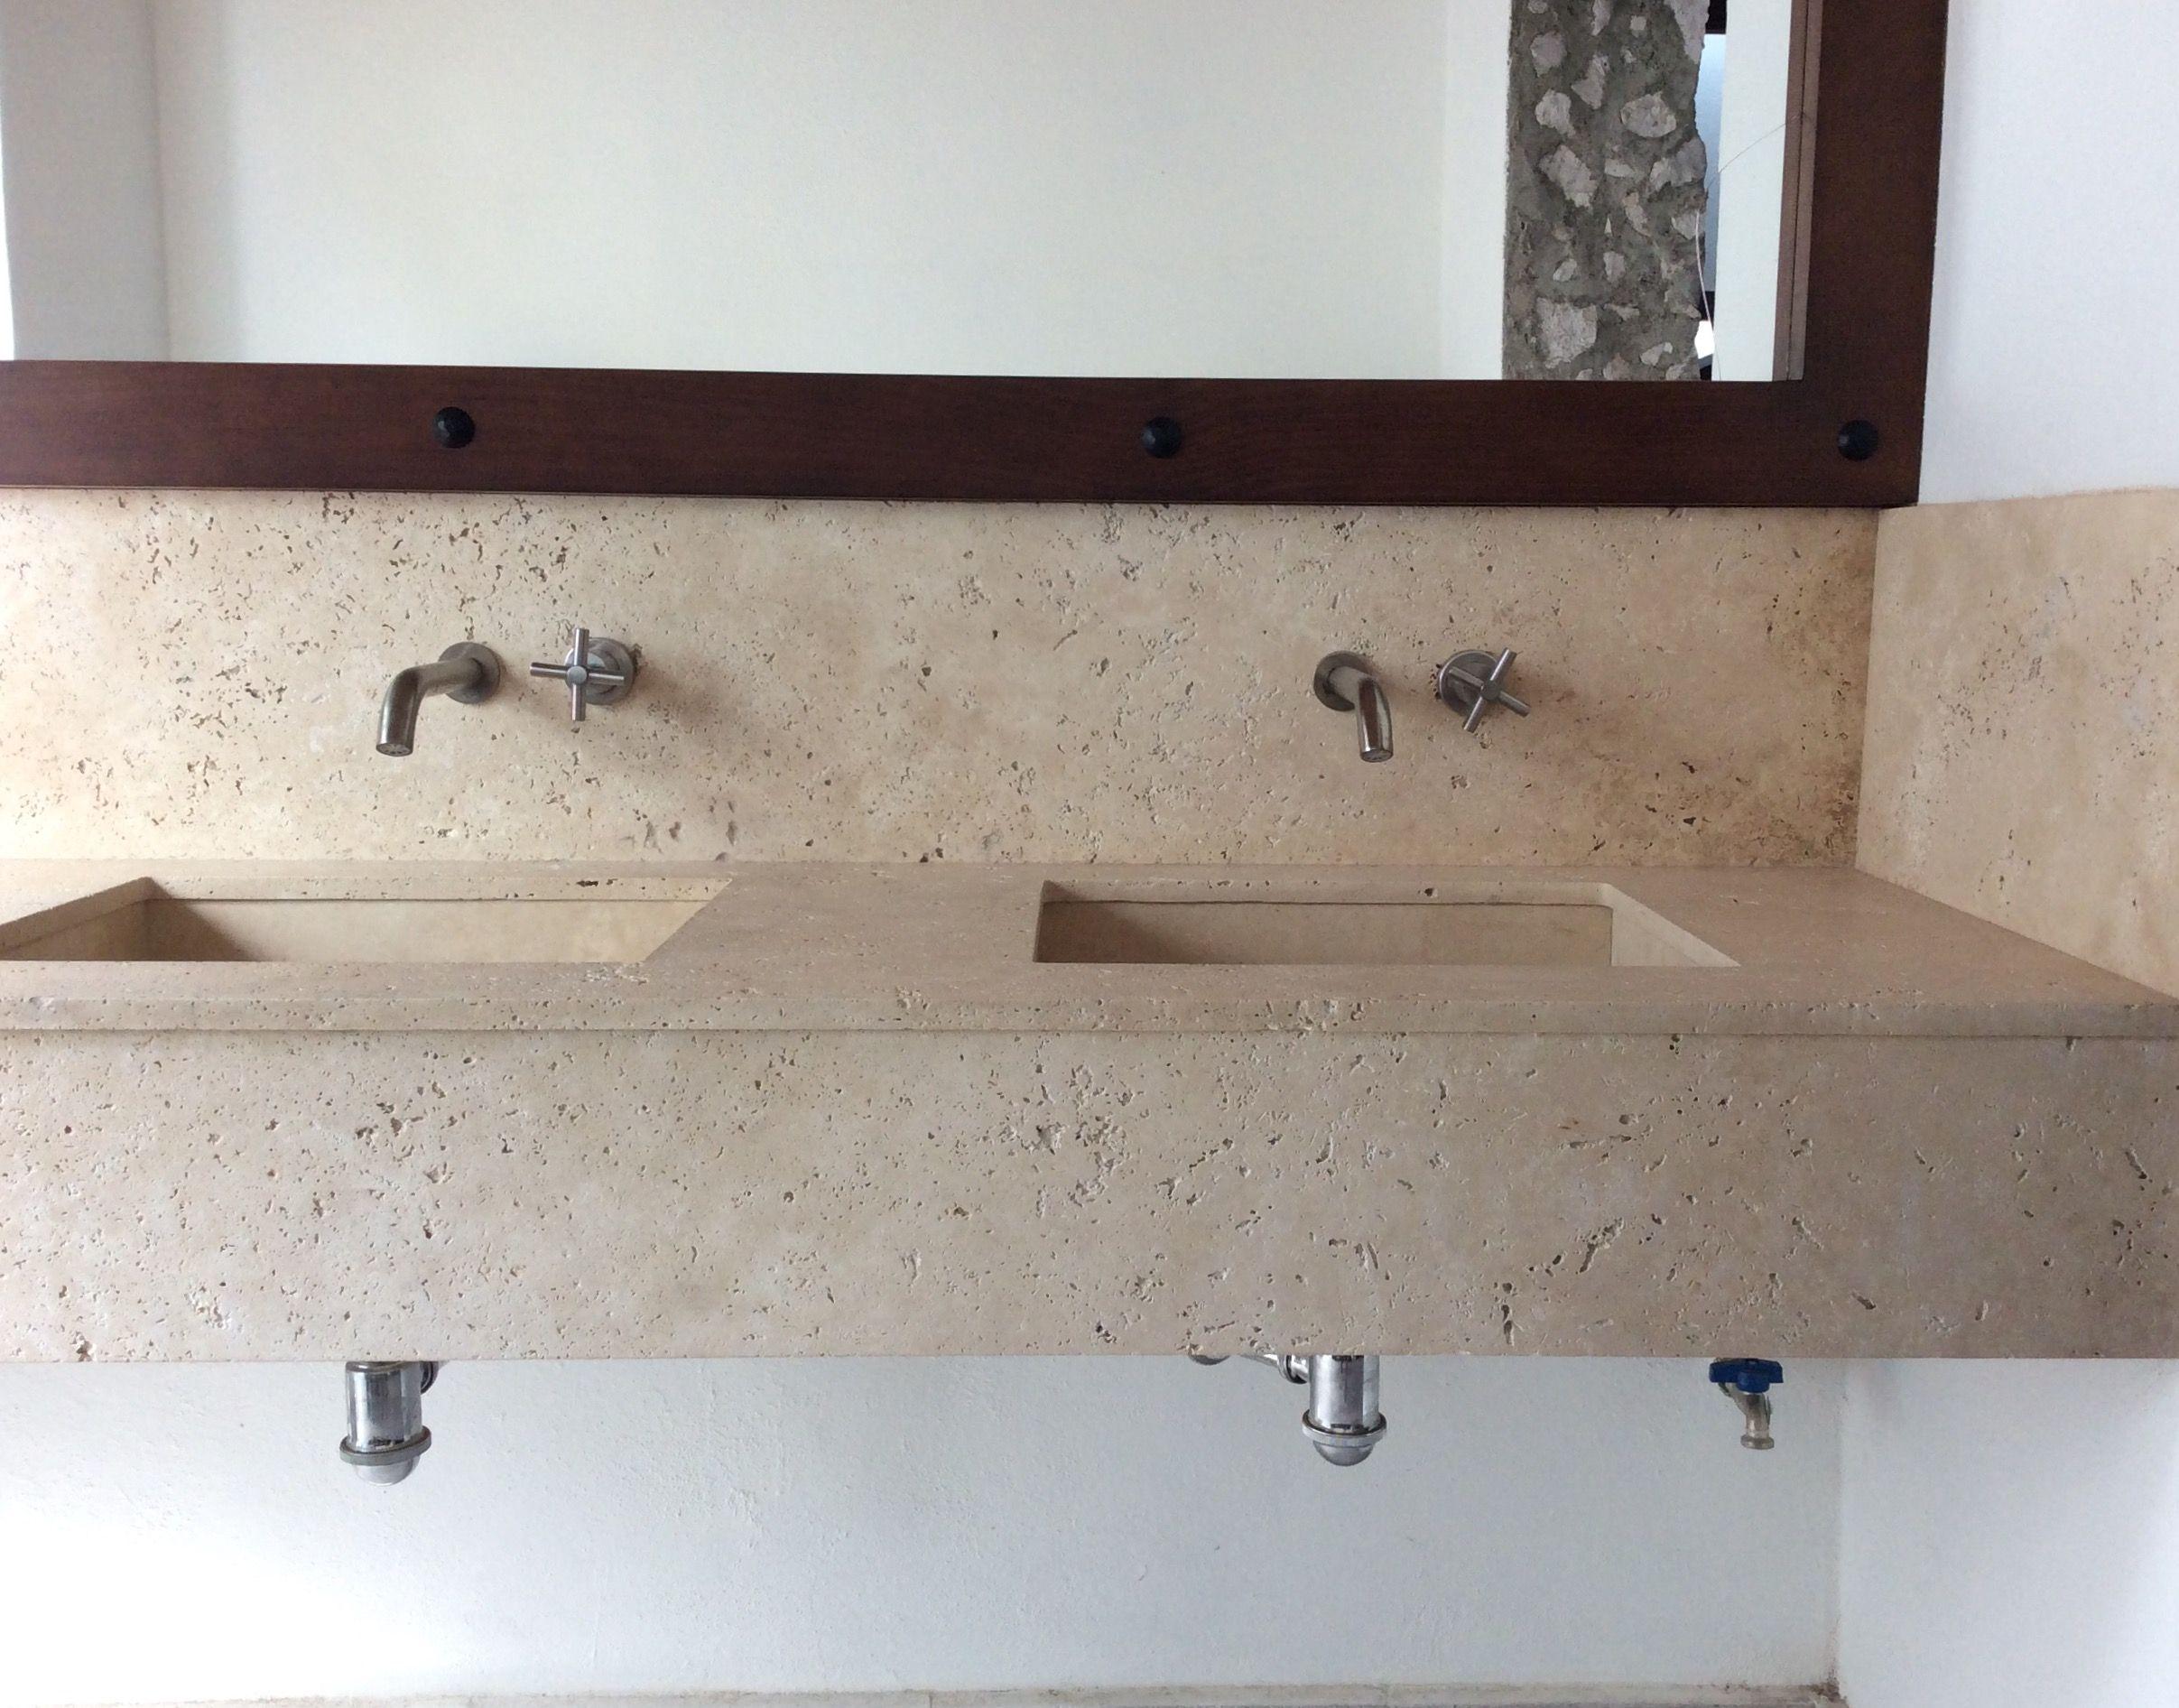 Cubierta lavabo m rmol fiorito avejentado cubiertas for Como sacar manchas del marmol